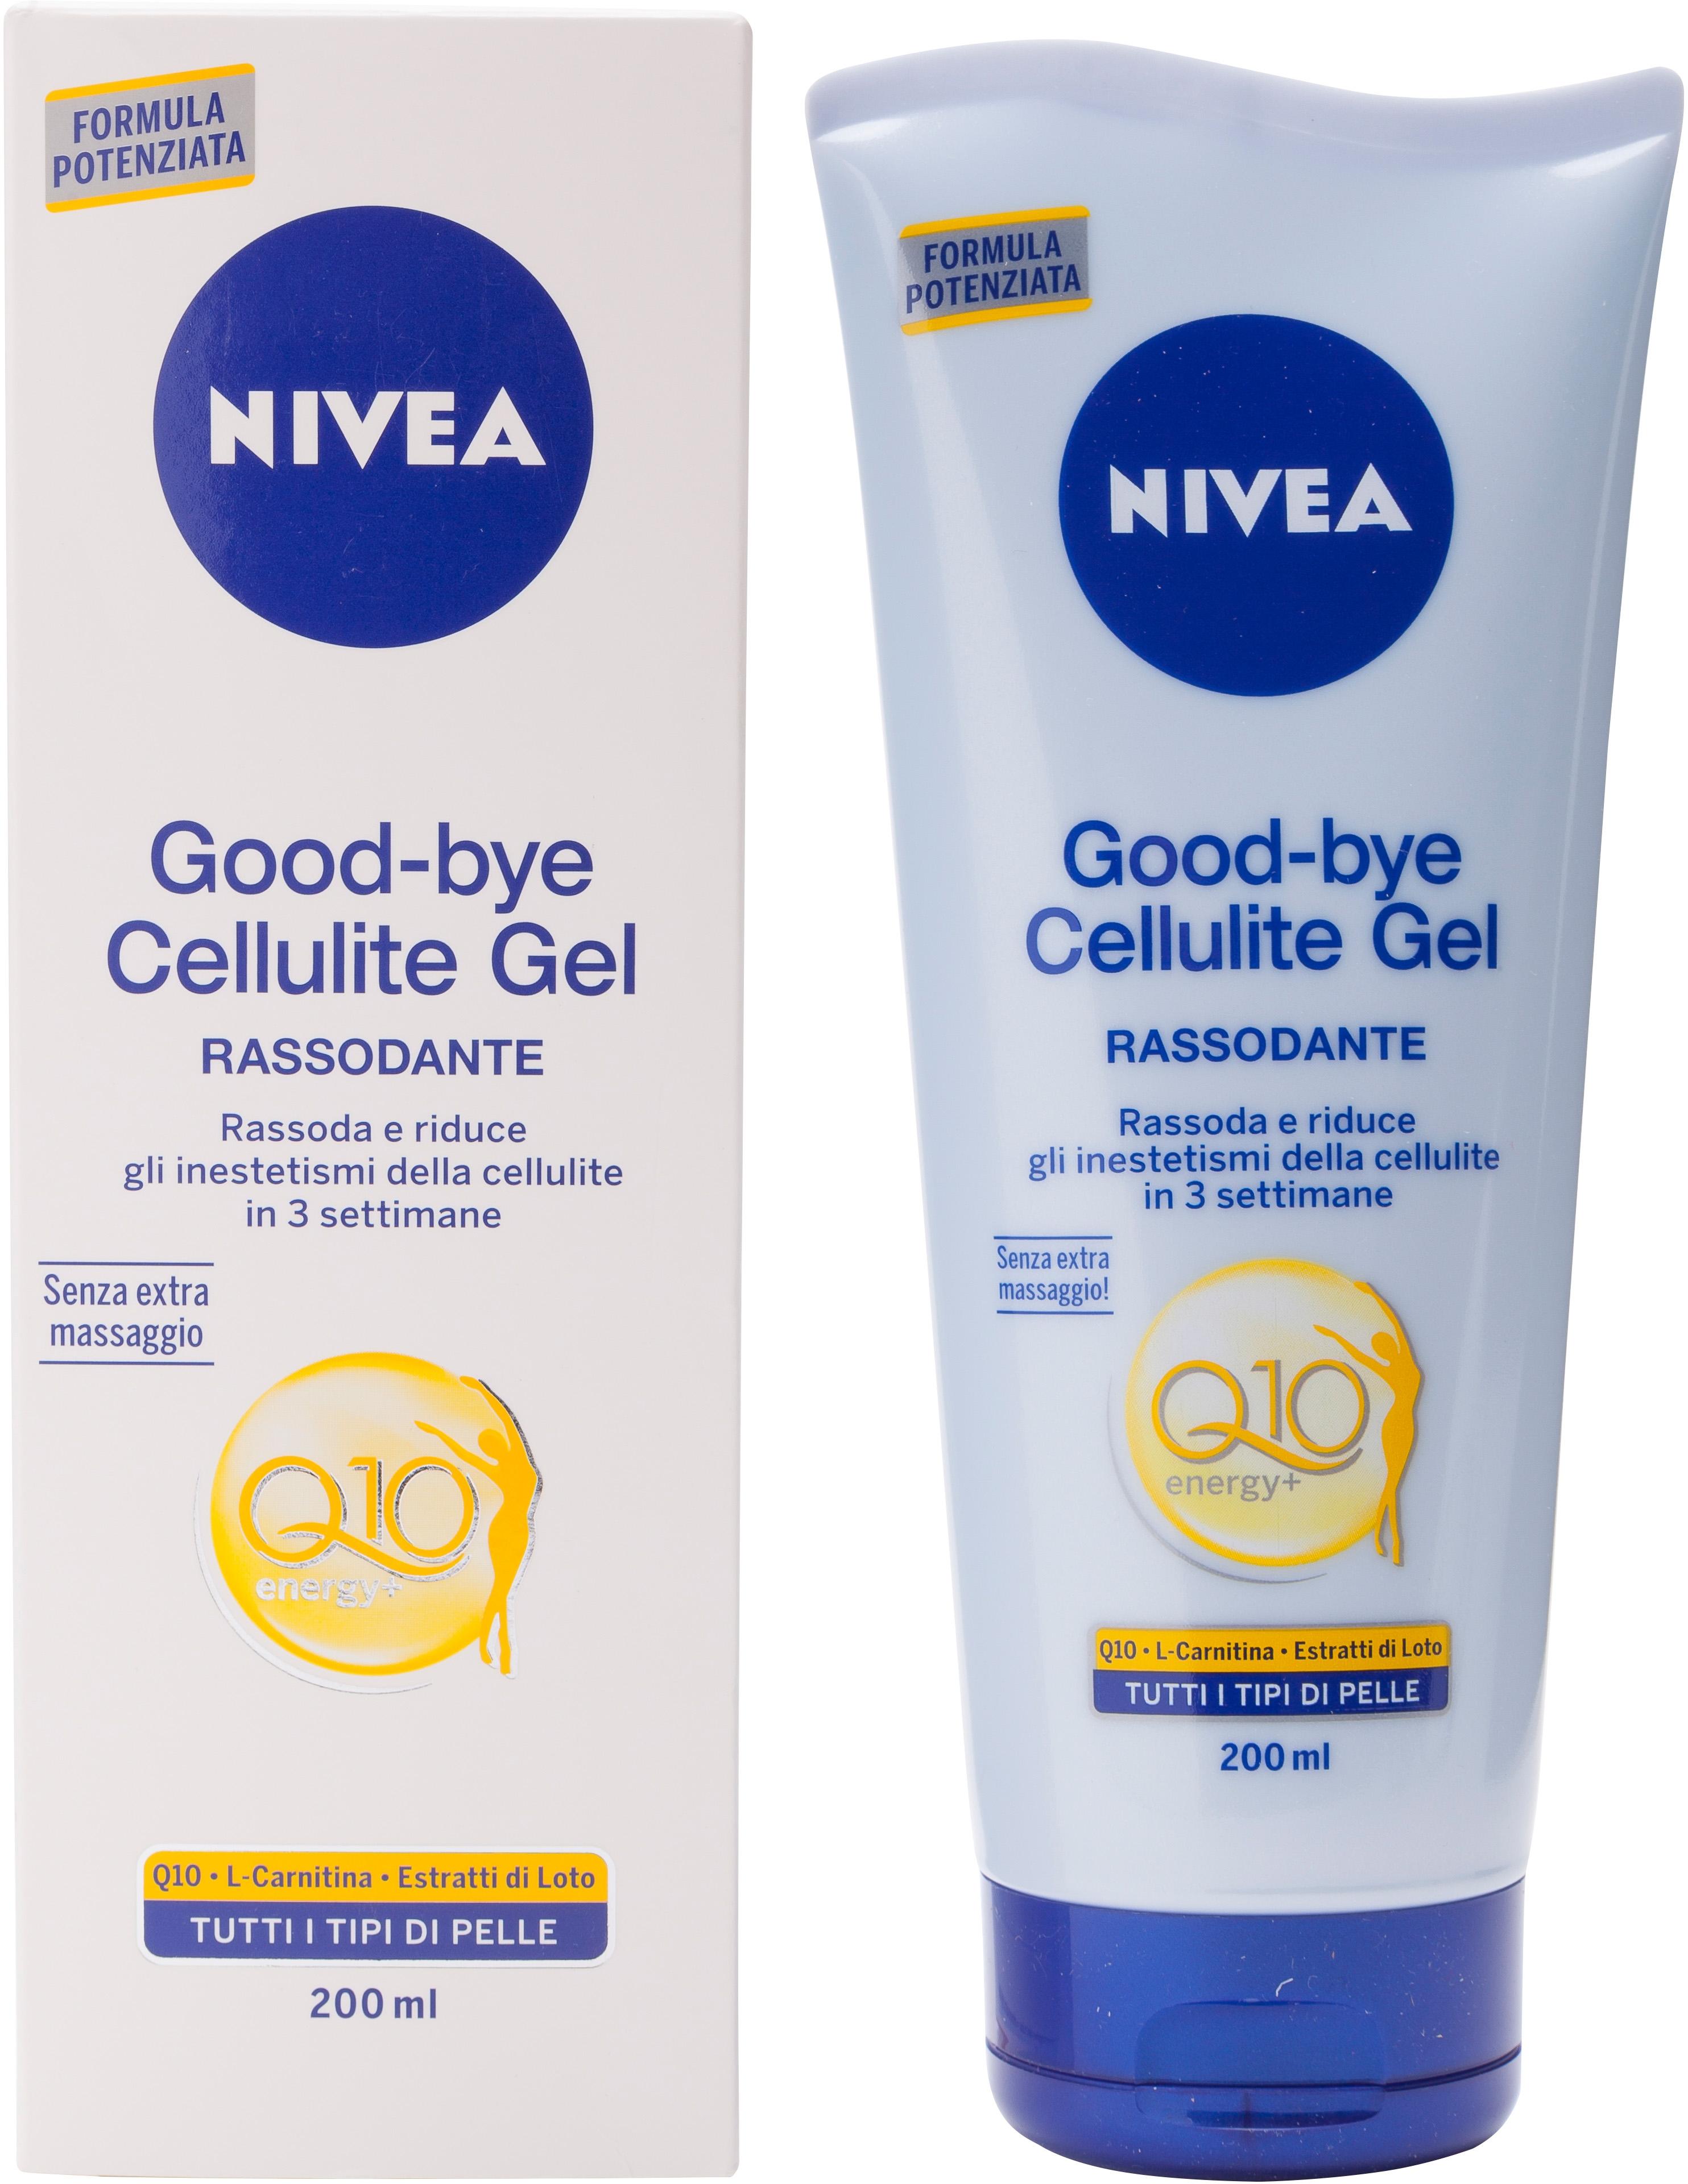 Test e Recensione NIVEA Good-bye cellulite gel - Altroconsumo